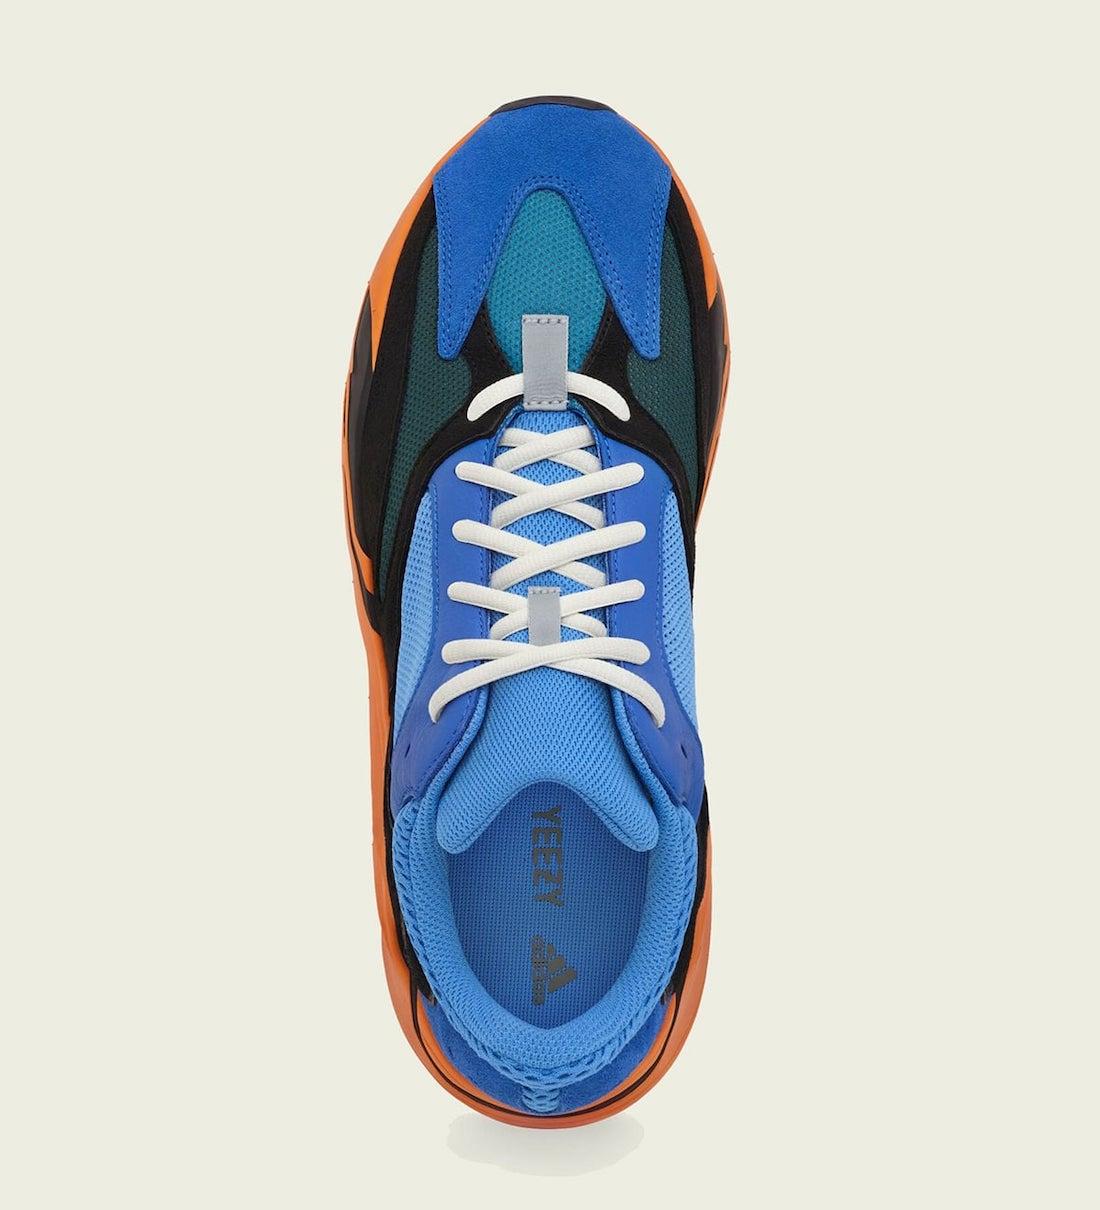 adidas Yeezy Boost 700 Bright Blue